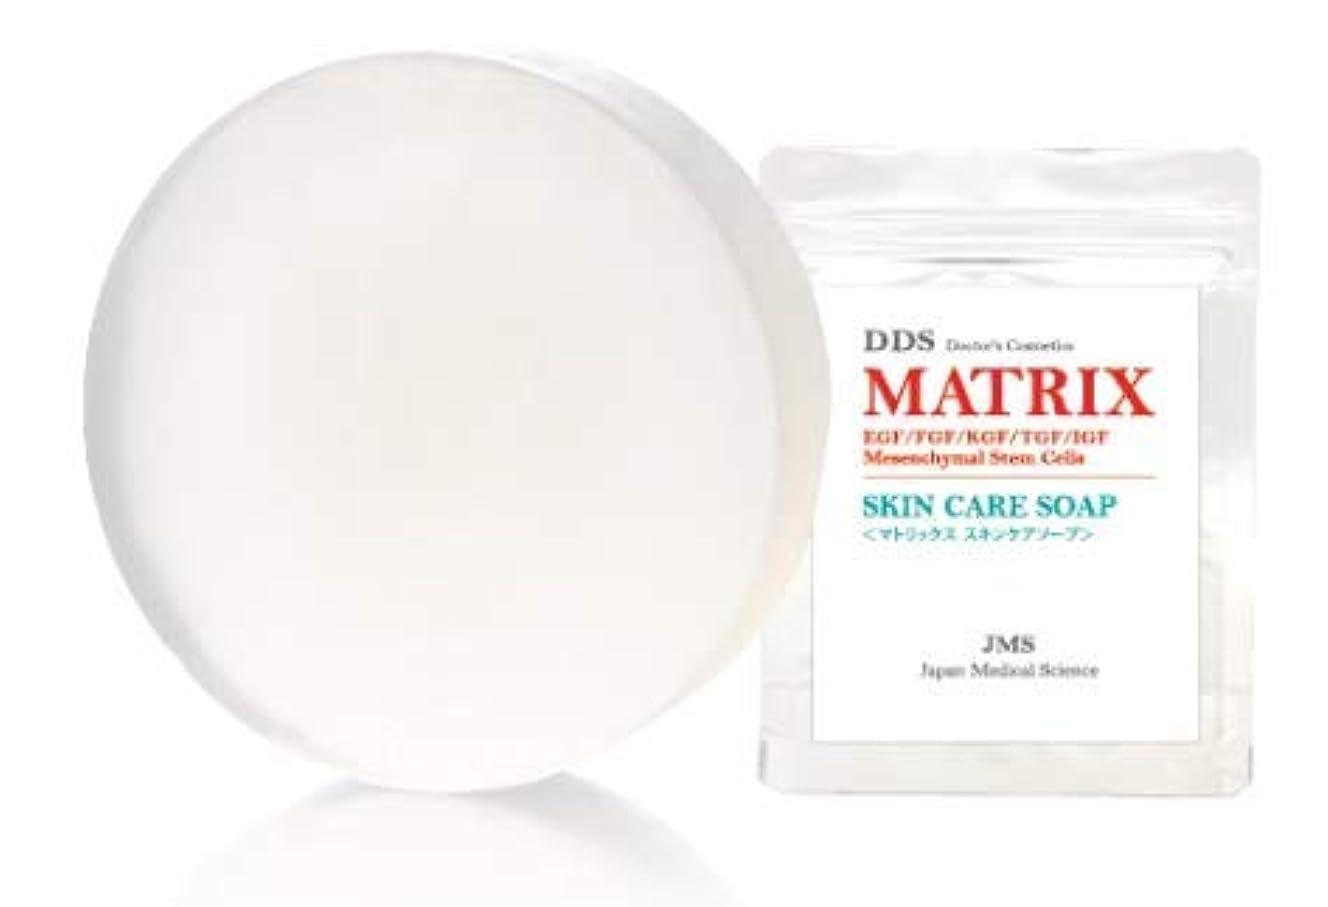 憧れベース注入DDS MATRIX SKIN CARE SOAP(マトリックス スキンケア ソープ)80g 洗顔石鹸 全身にも